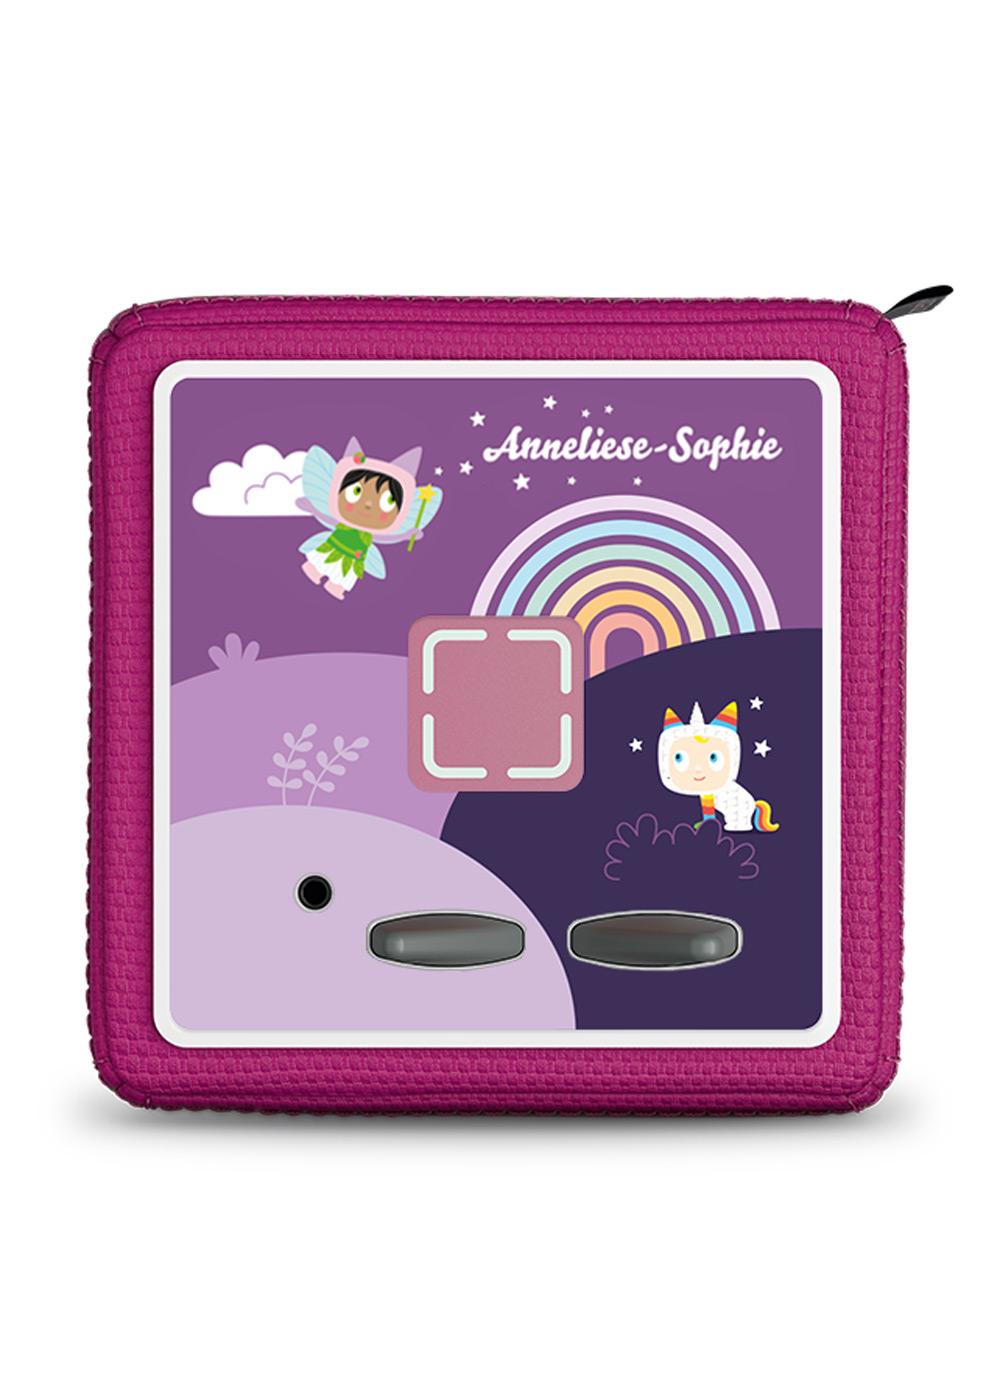 dekofolie toniebox regenbogen personalisiert kindername 1